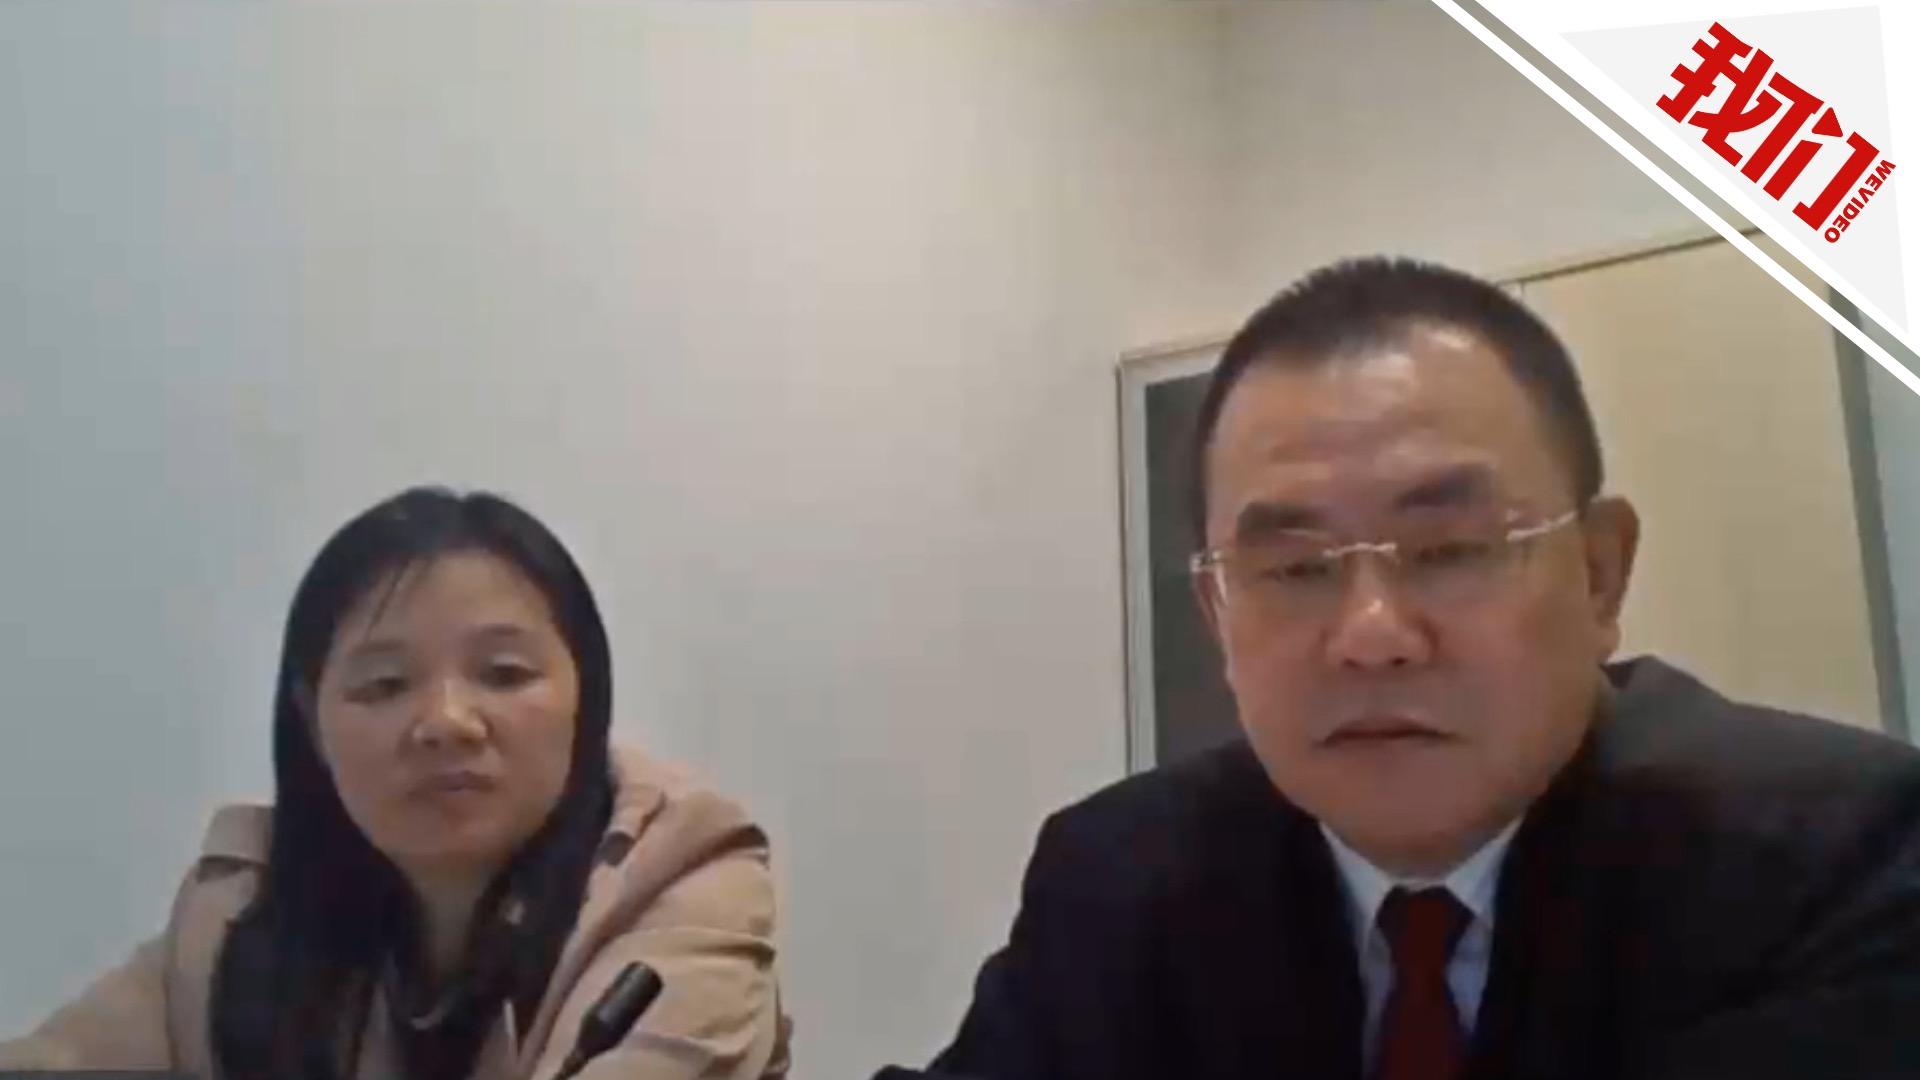 黄淑芬诉赵勇律师侵权一案庭审结束 分歧较大未当庭宣判